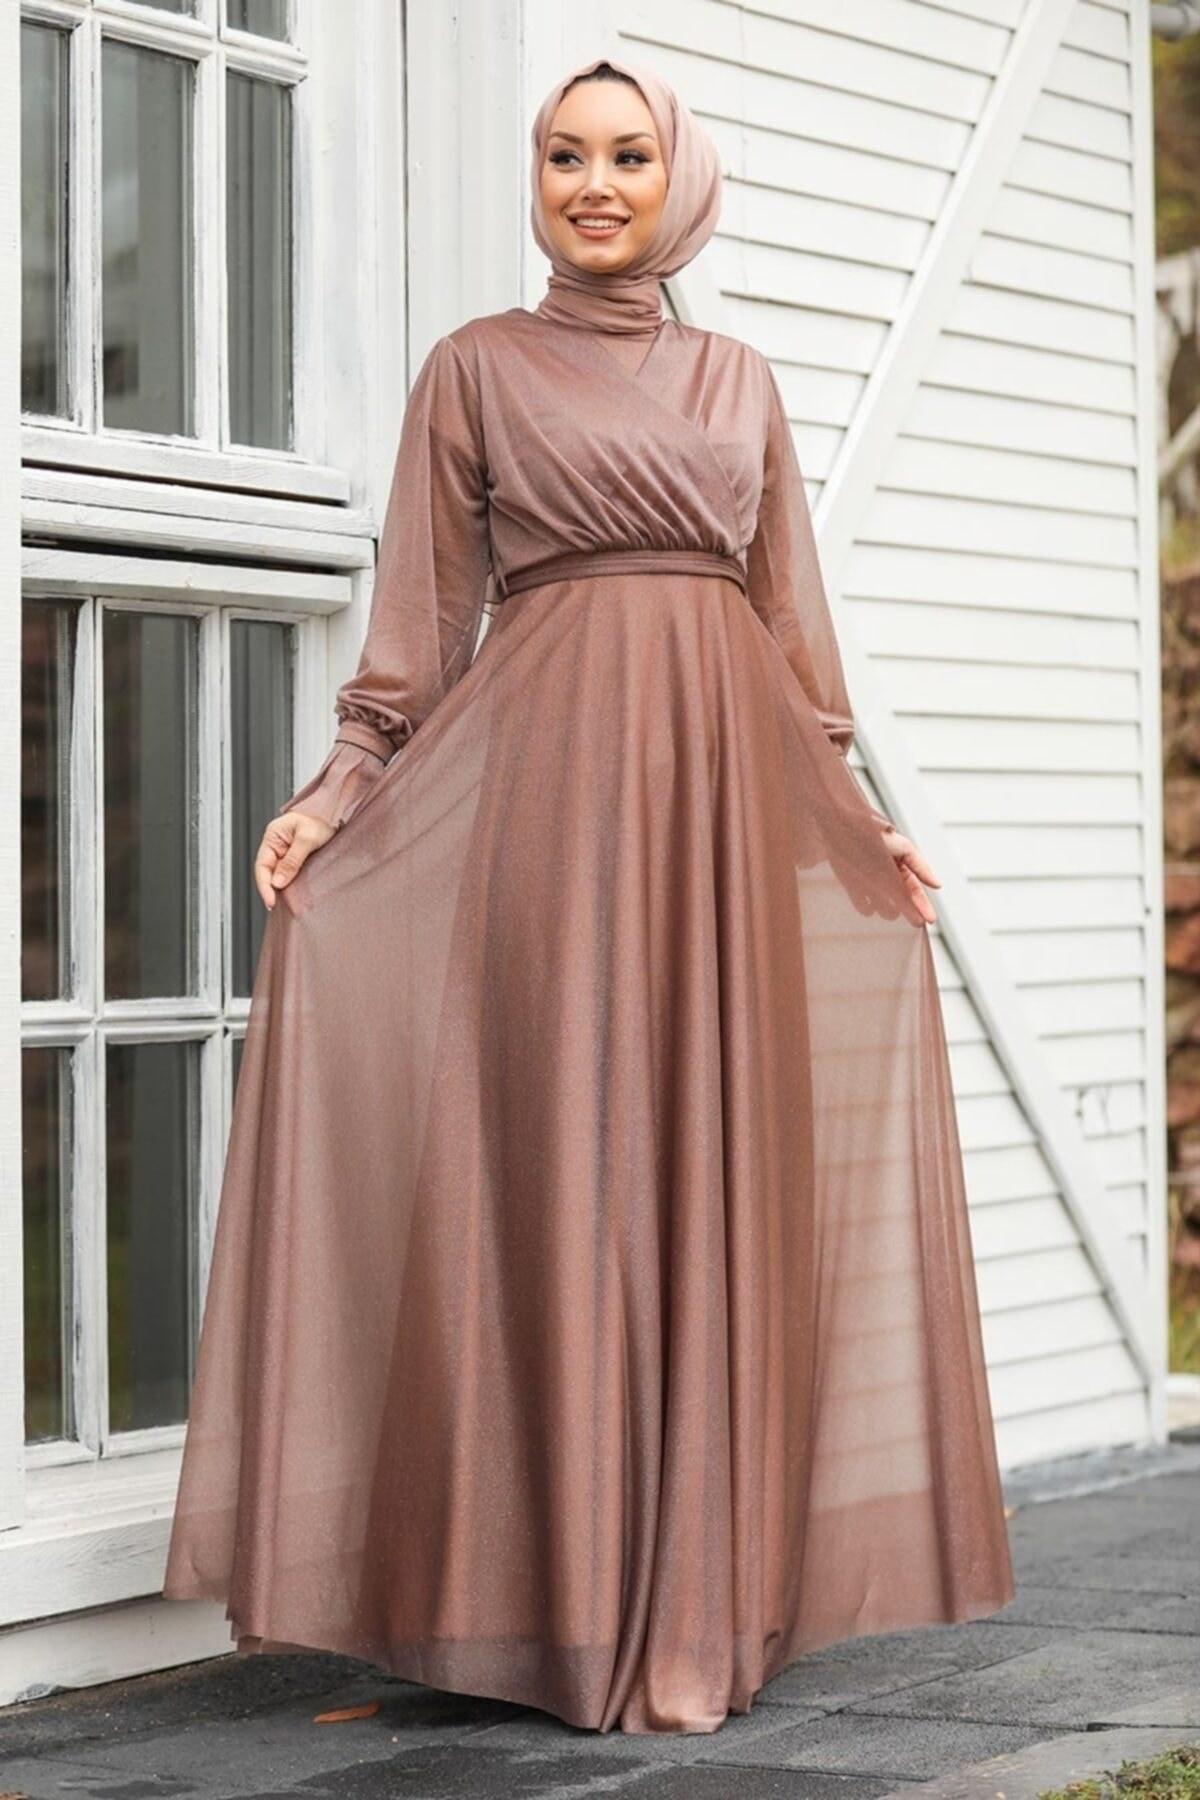 تصویر لباس مجلسی پوشیده محجبه قهوه ای سموری برند Neva Style کد 1621123454